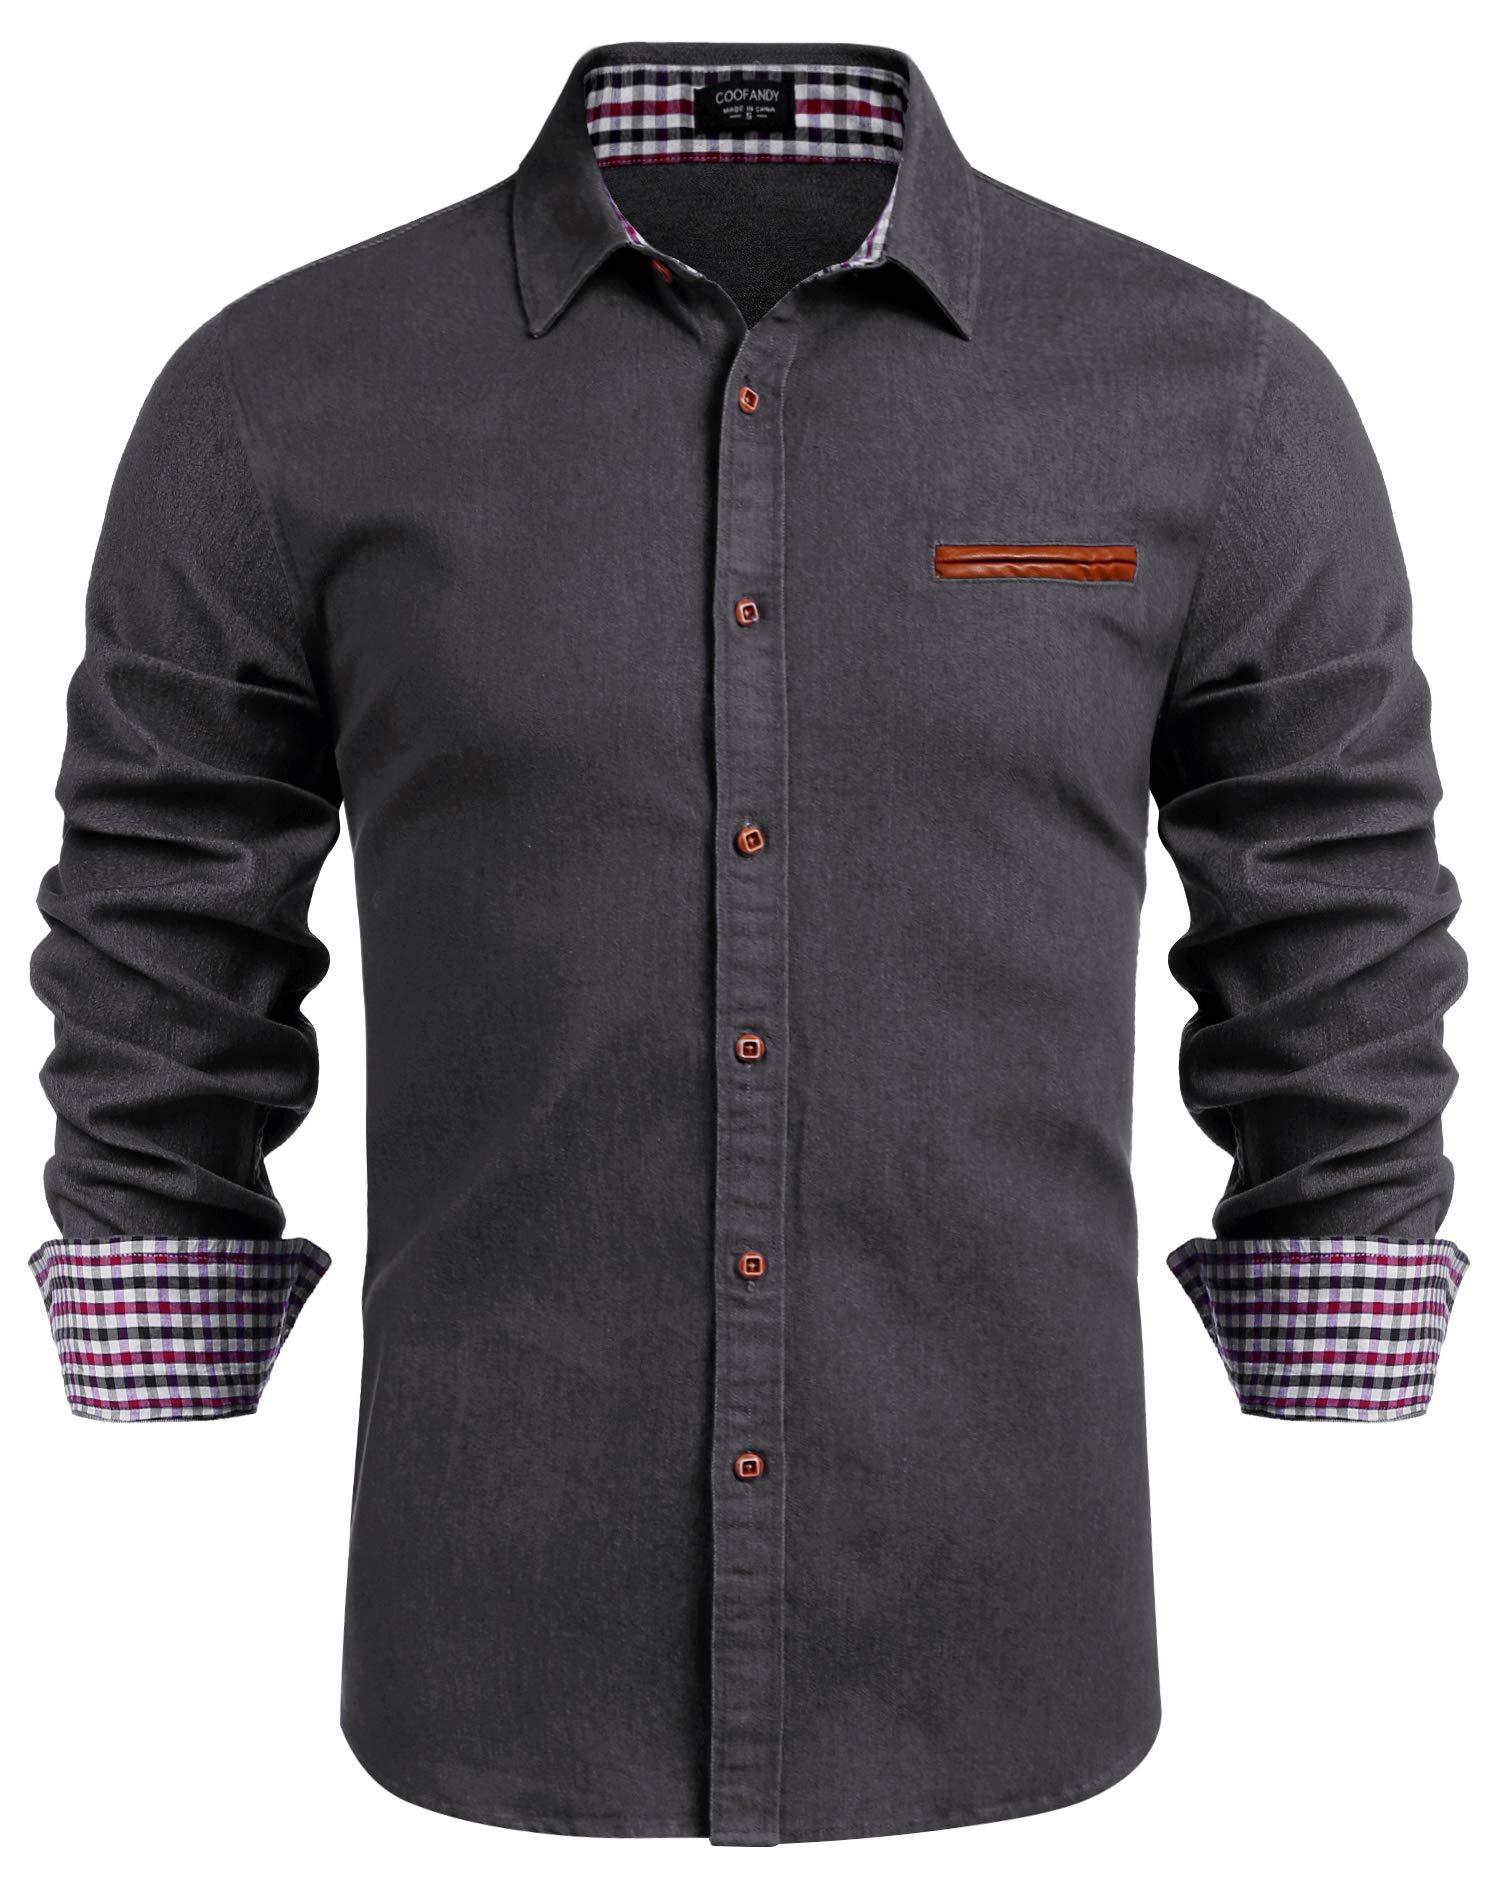 Fashion Shopping COOFANDY Men's Casual Dress Shirt Button Down Shirts Long-Sleeve